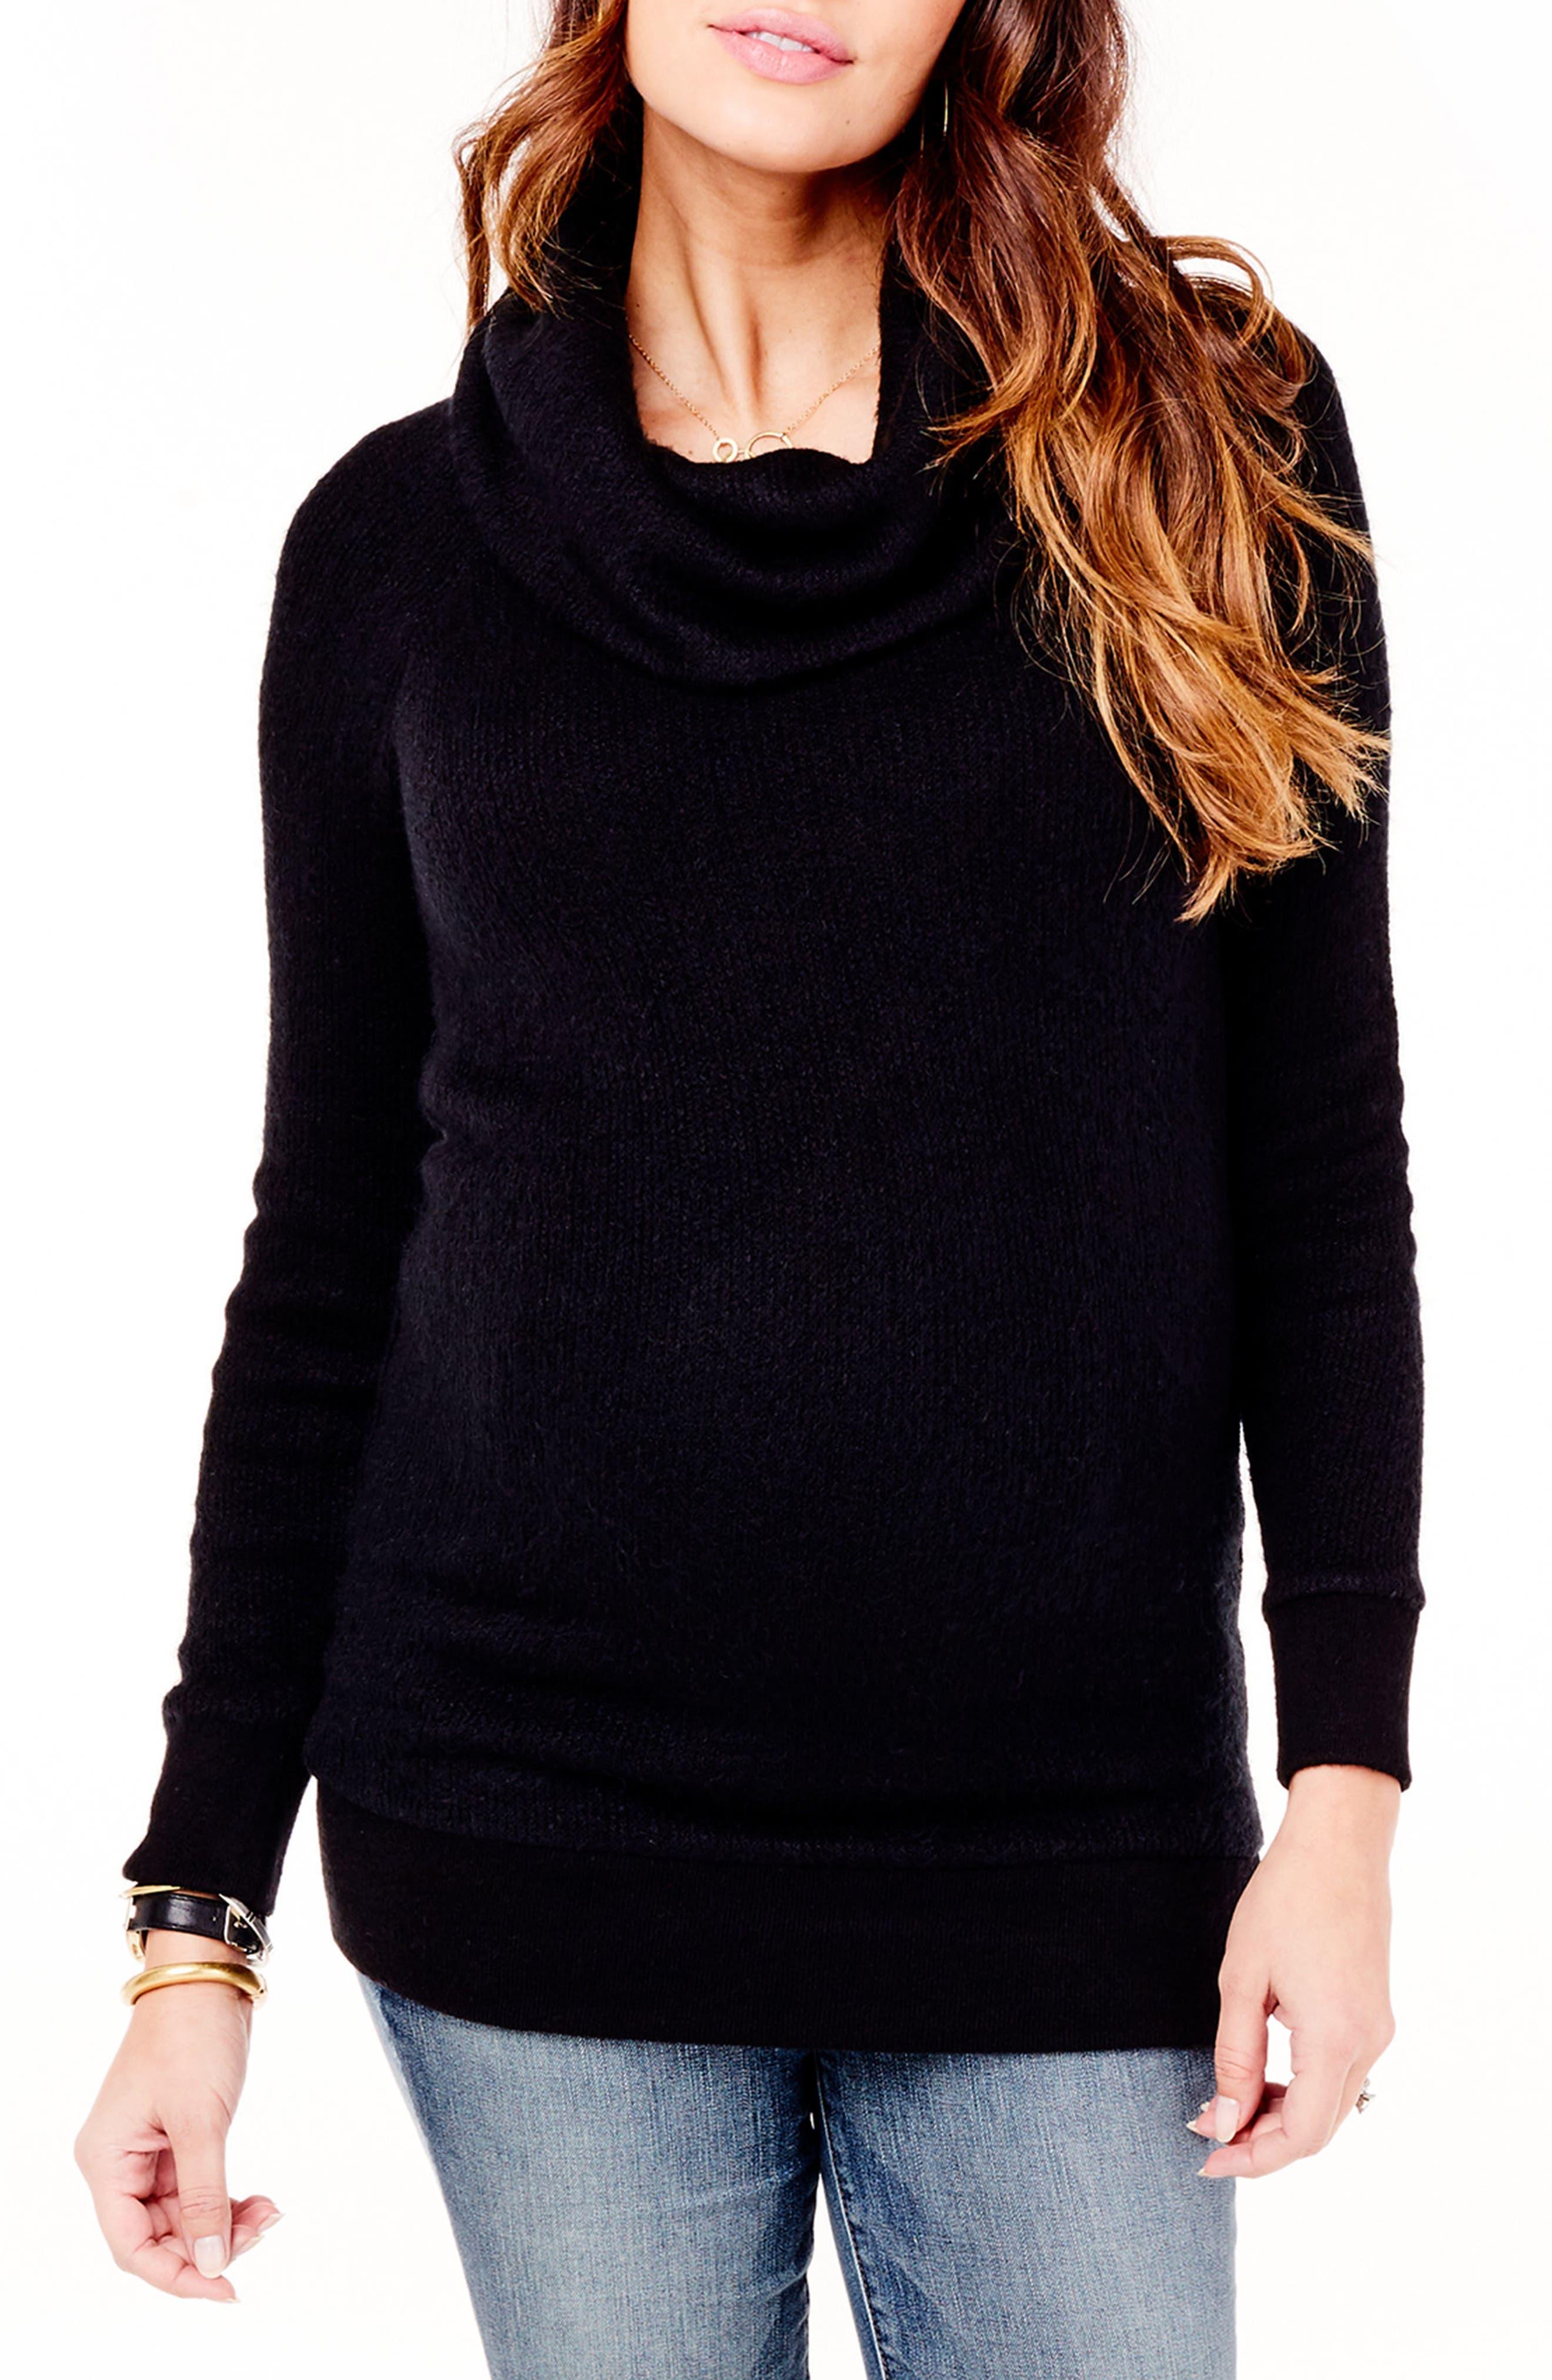 Main Image - Ingrid & Isabel® Cowl Neck Maternity Sweater